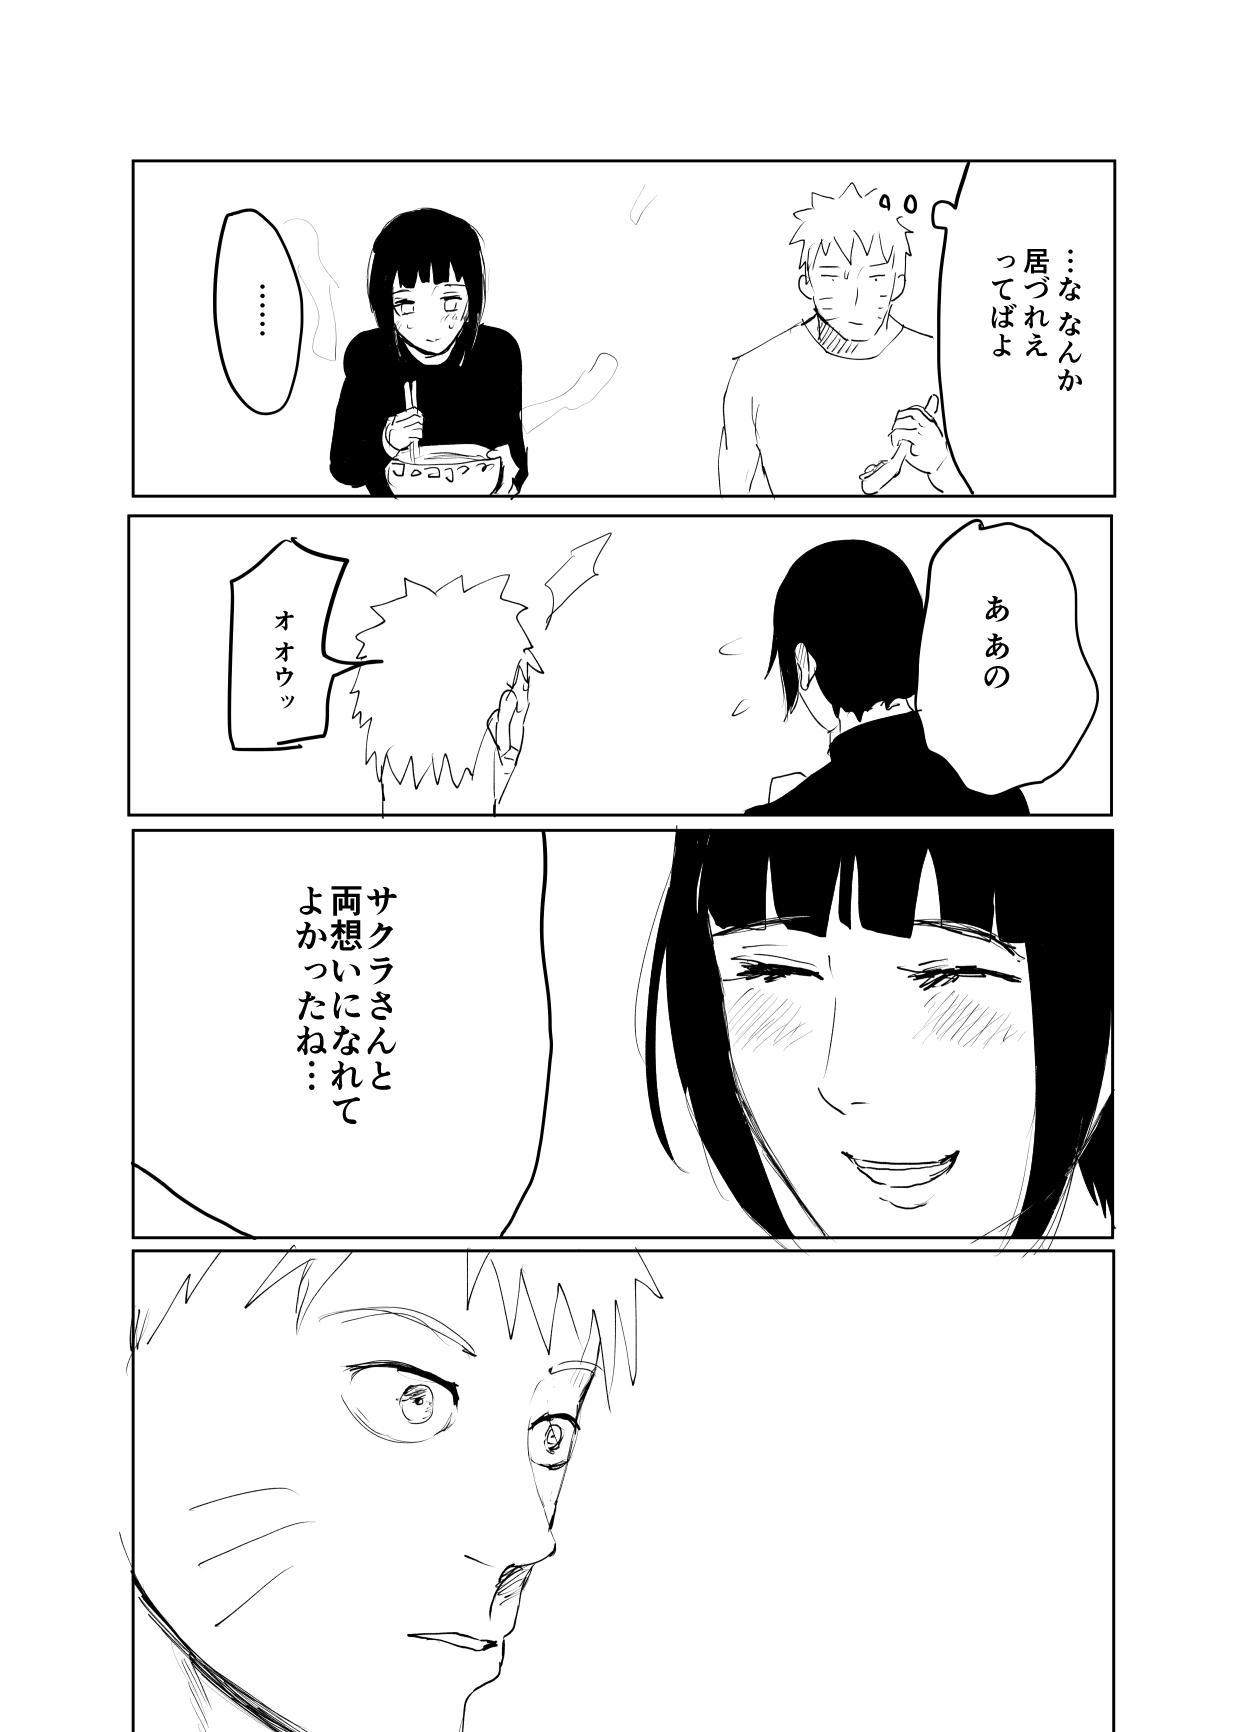 嘘告白漫画 24